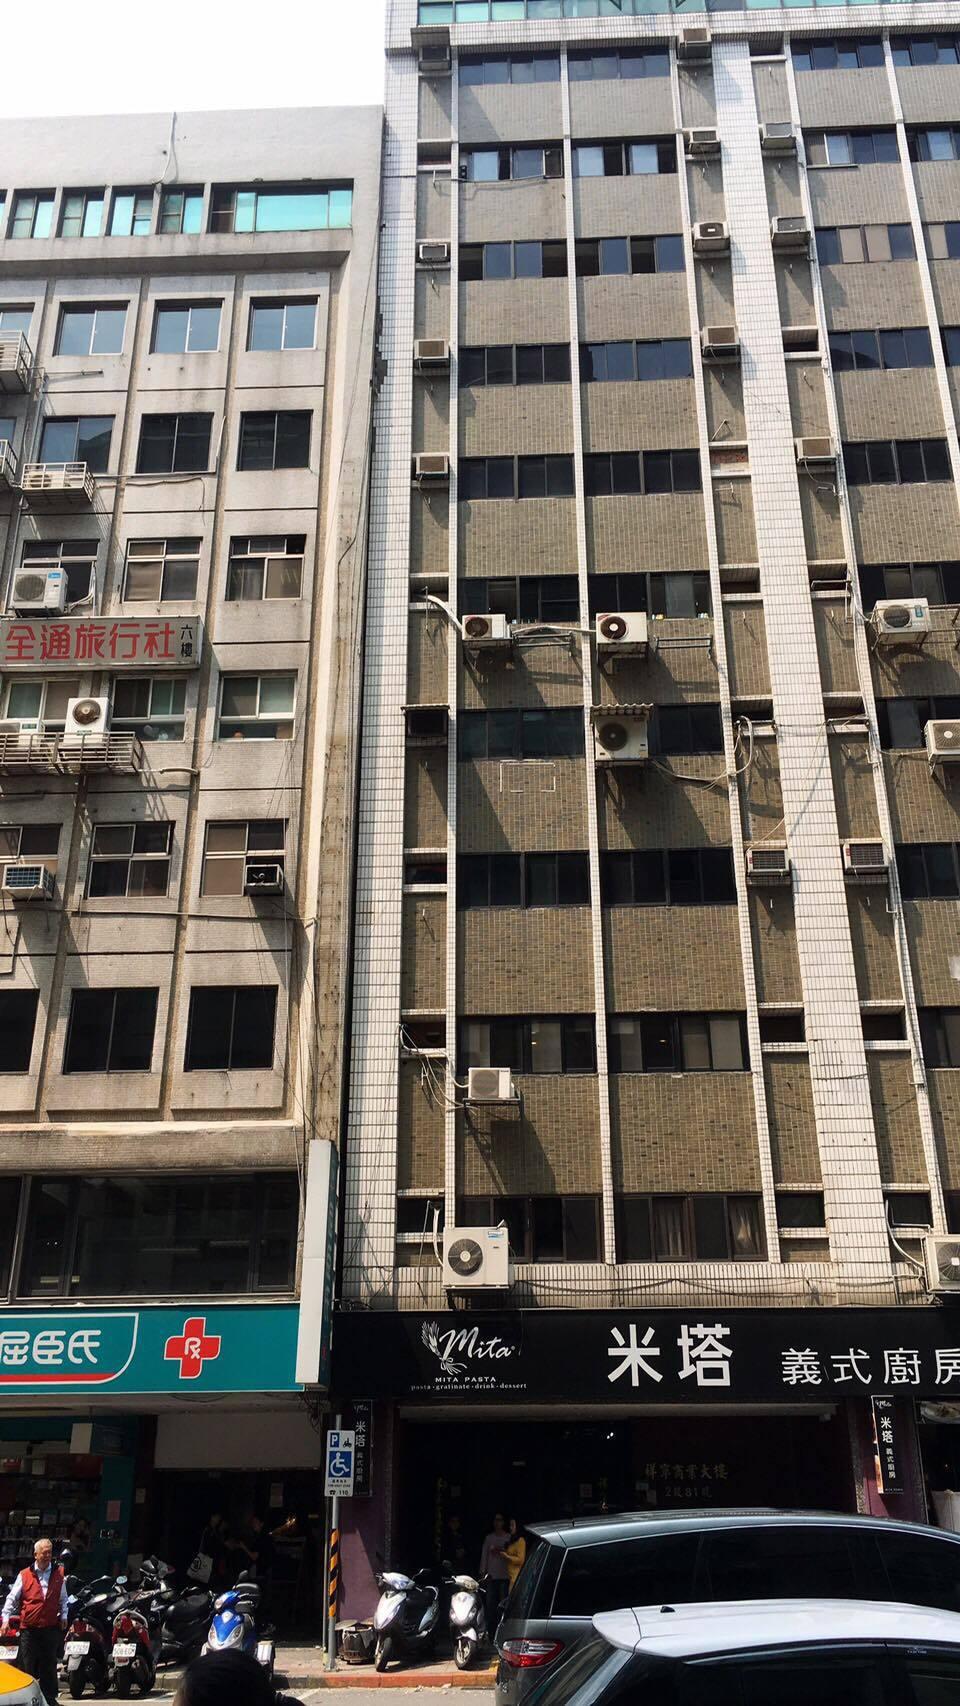 台北市長安東路二段某大樓驚傳有大樓傾斜,引起附近居民圍觀,警消人員正在現場戒備。...